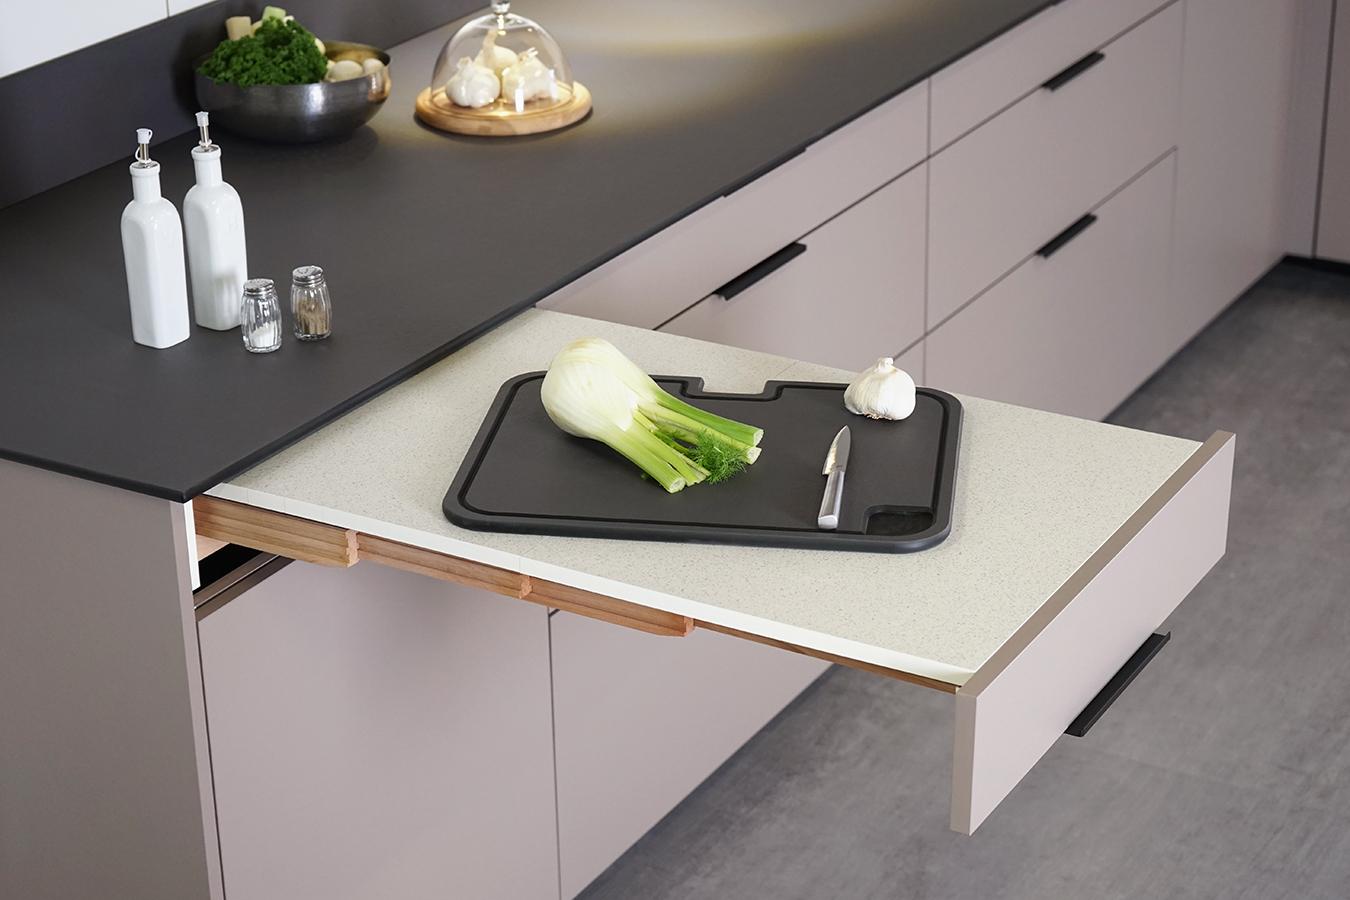 Table Coulissante Sous Plan De Travail Éléments d'organisation - cuisines kocher